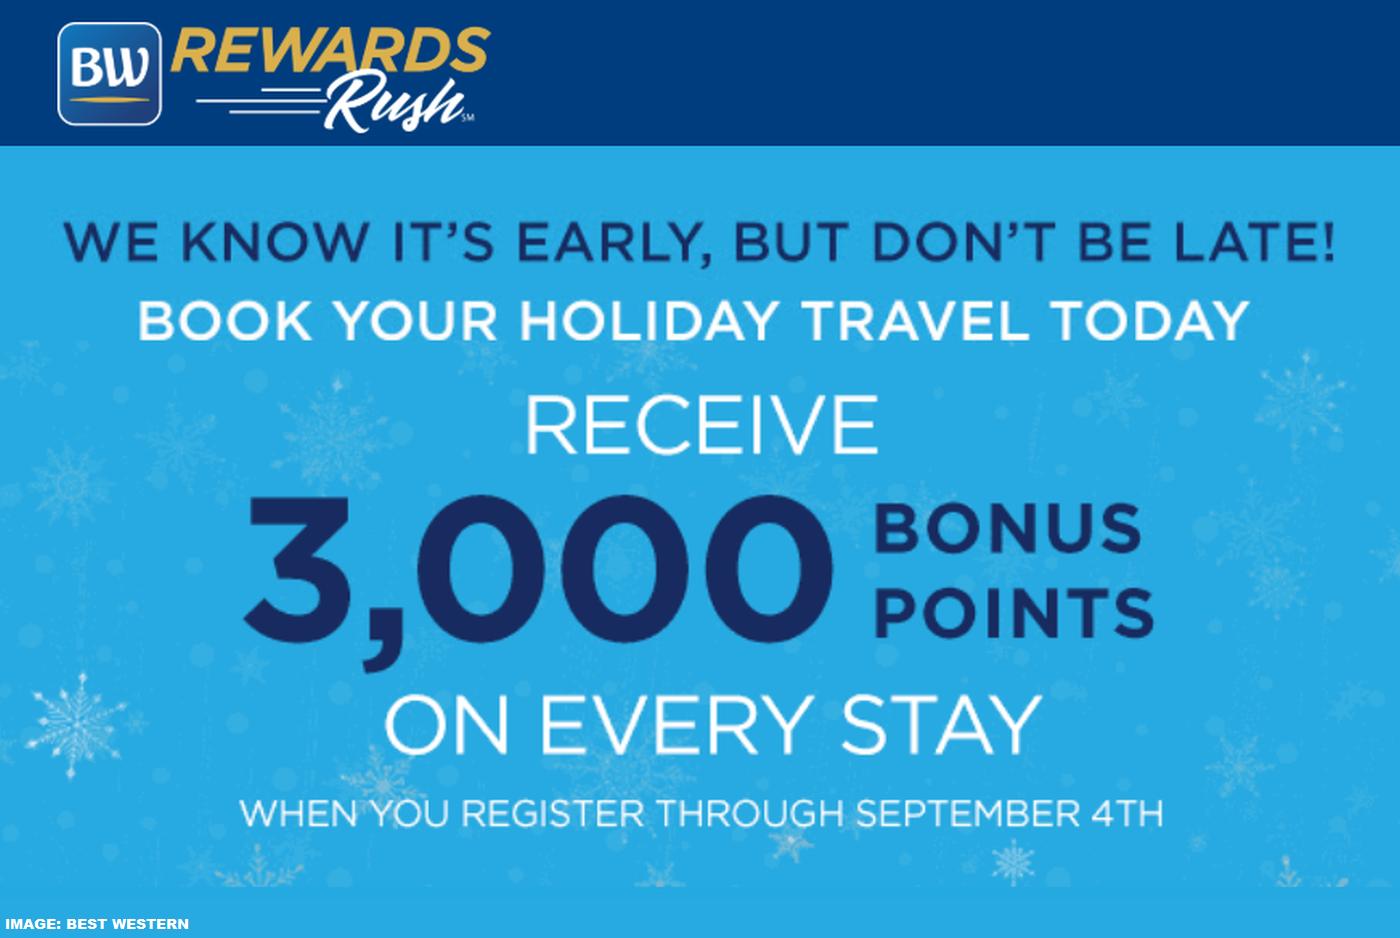 Best Western Rewards 3,000 Bonus Points Per Stay Through